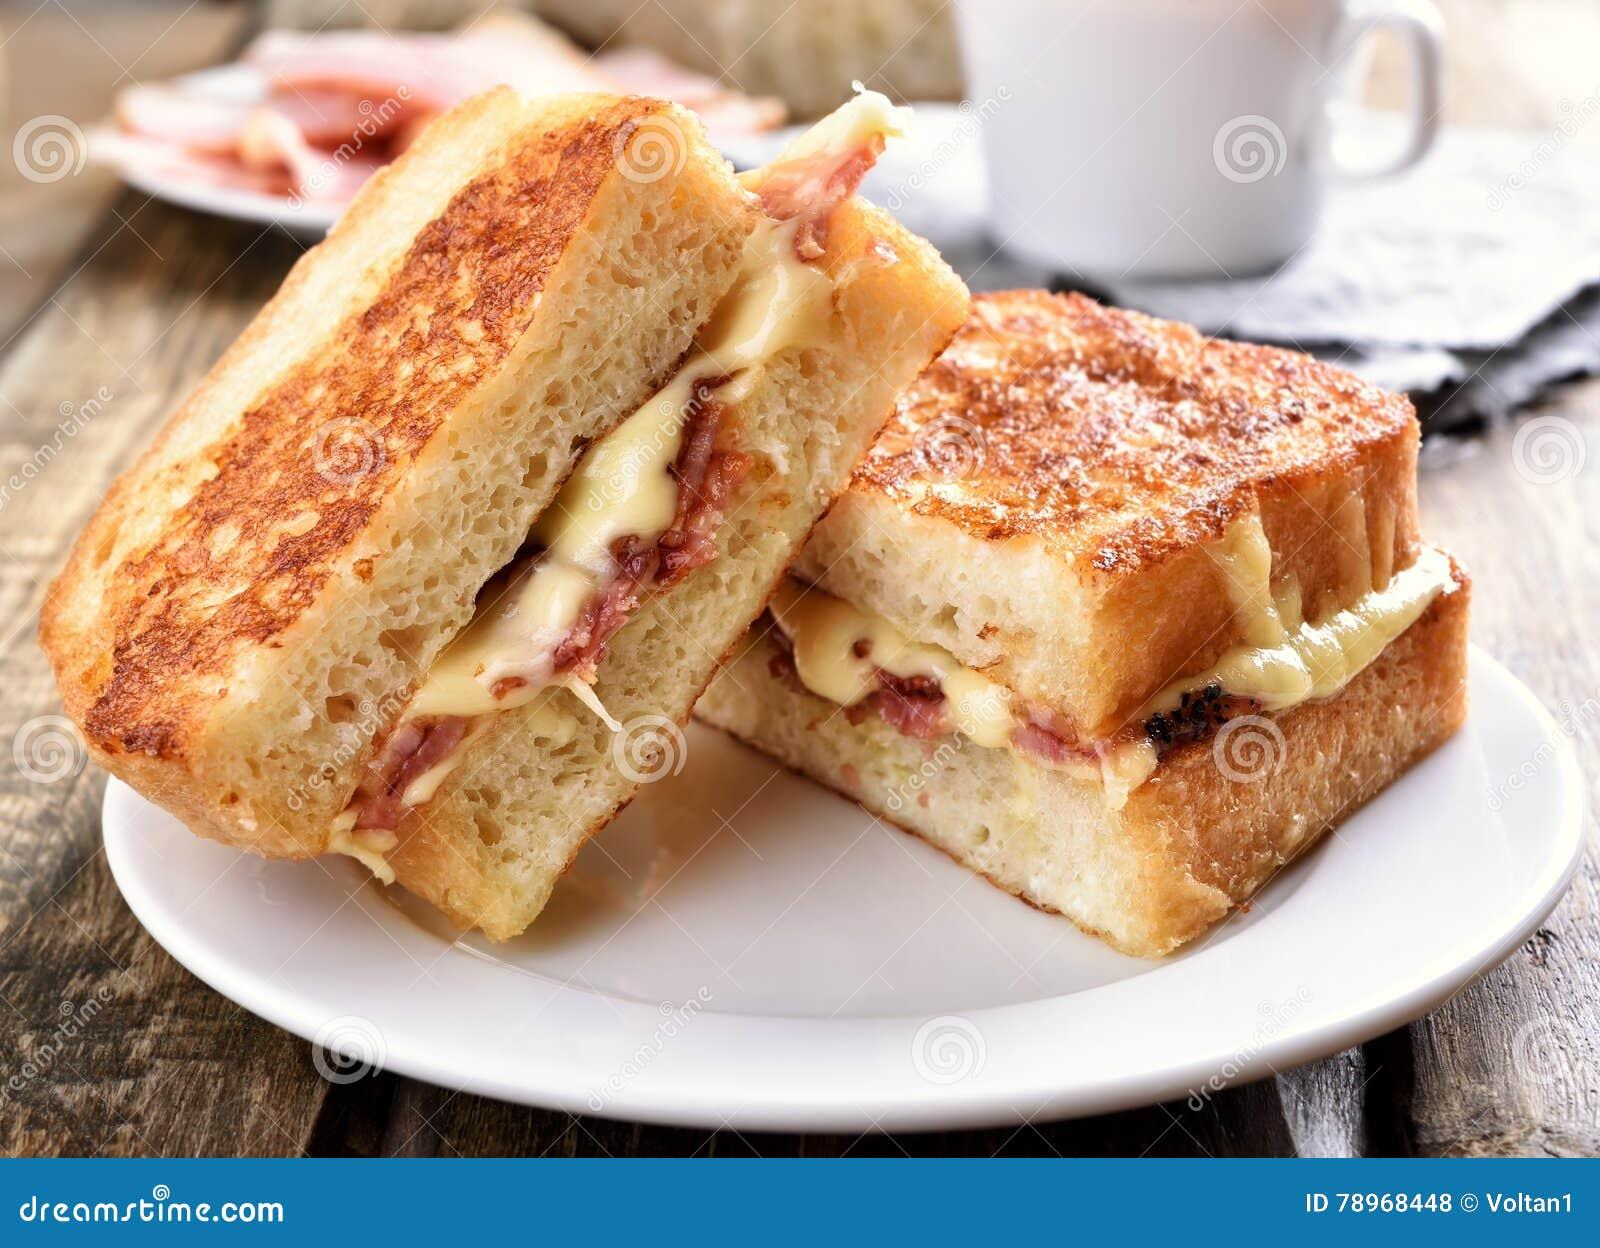 Sanduíche do brinde com queijo e bacon